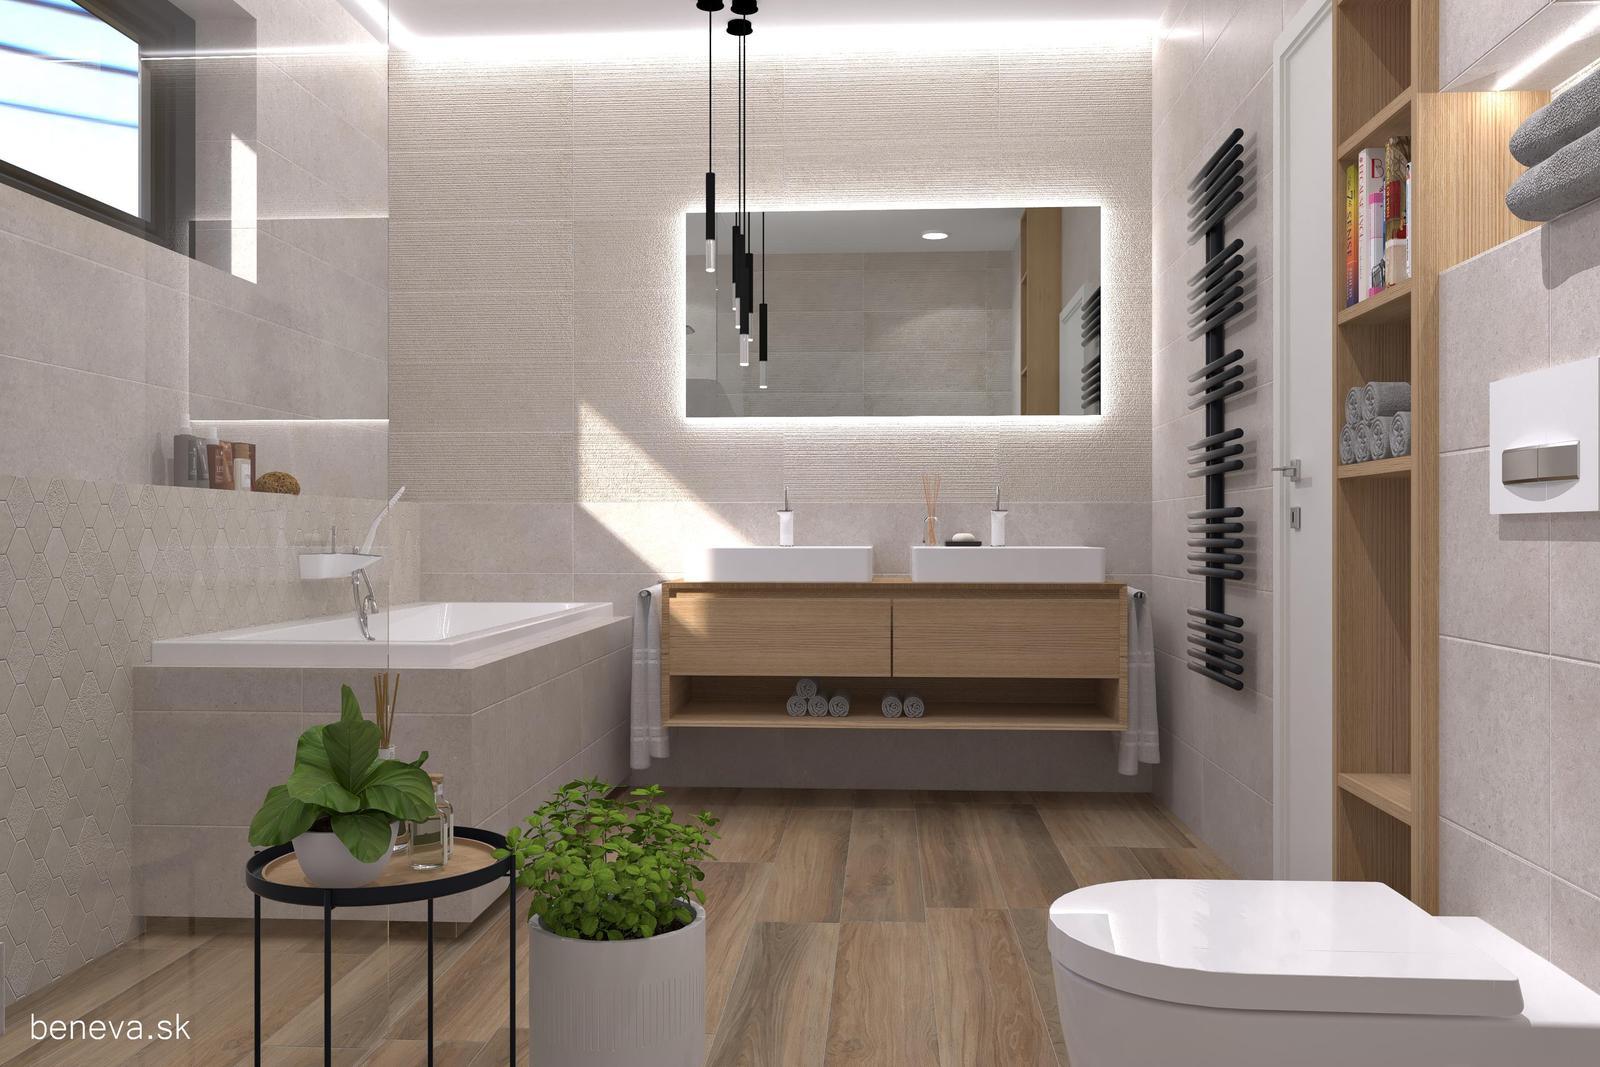 Kúpeľňa v prírodných farbách / Vizualizácia - Obrázok č. 9